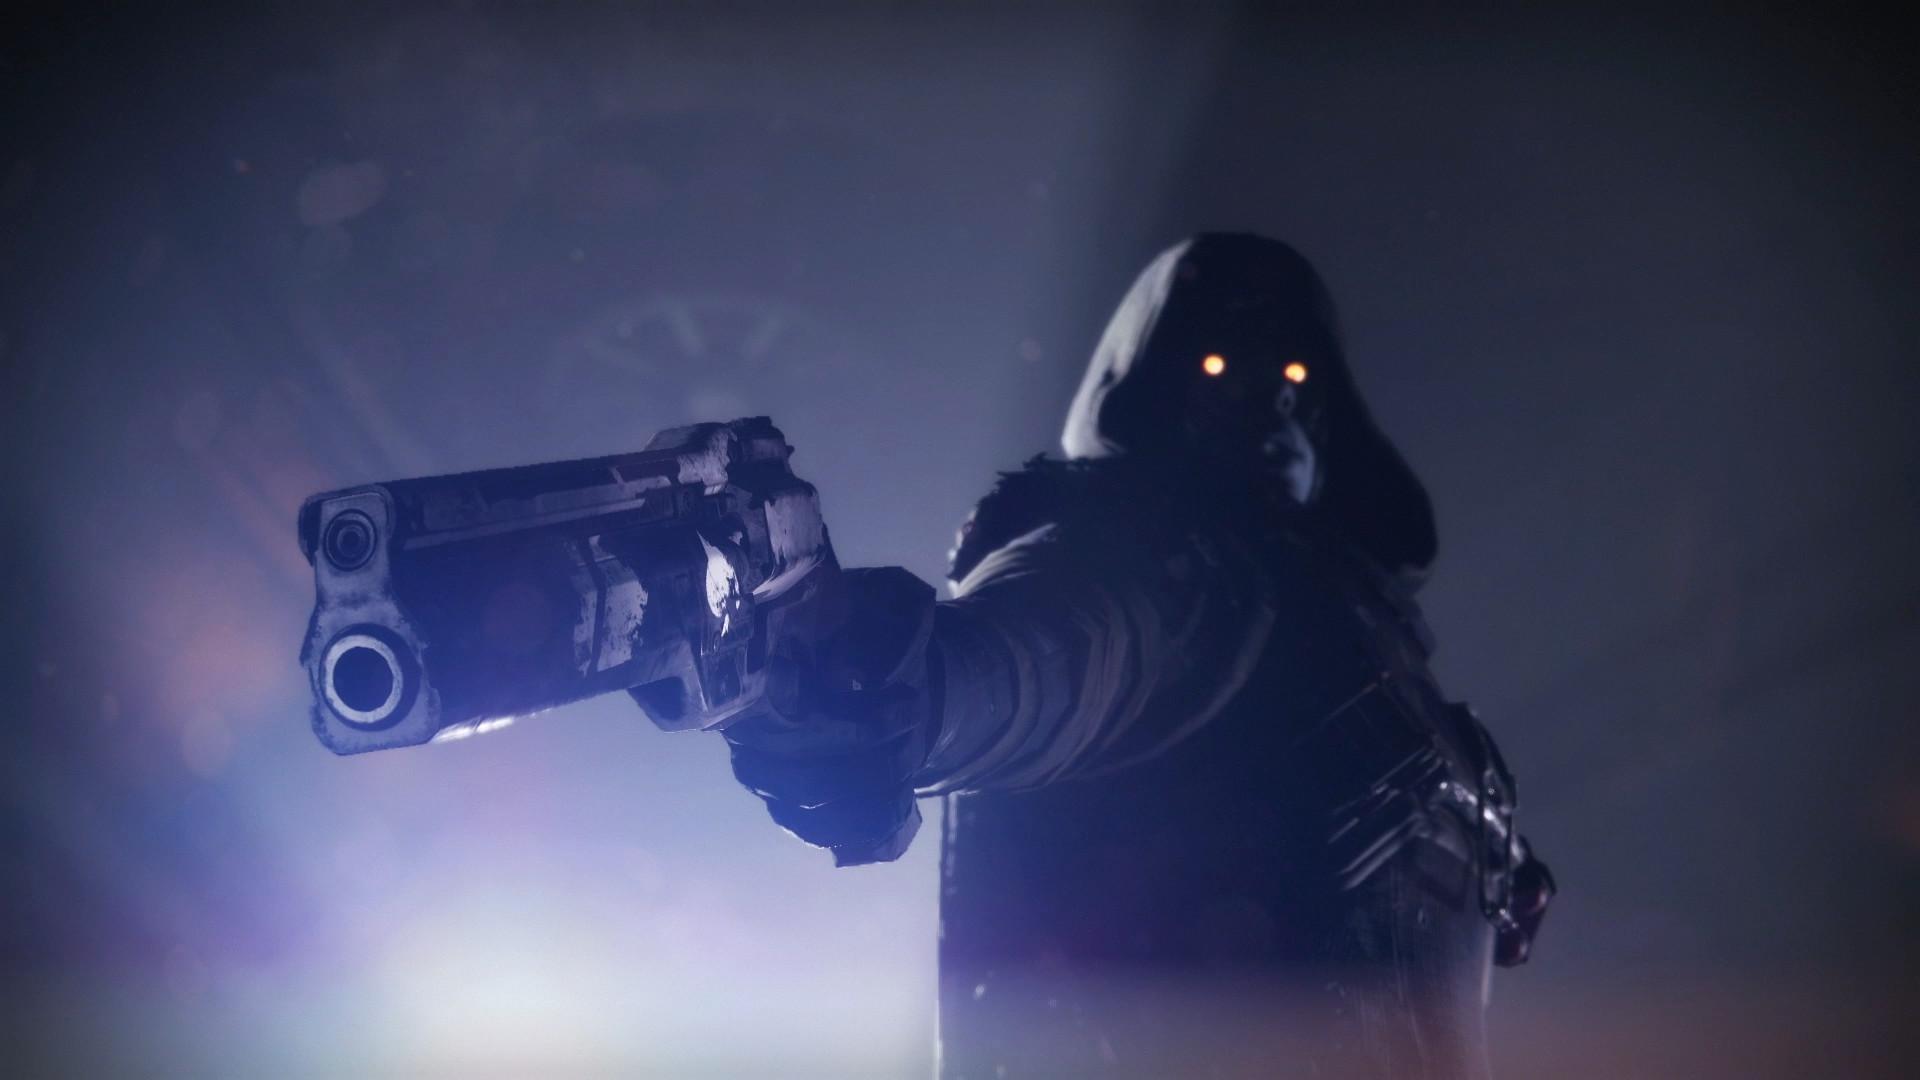 Сюжетную кампанию Destiny 2: Forsaken сначала сделают бесплатной, а потом удалят из игры